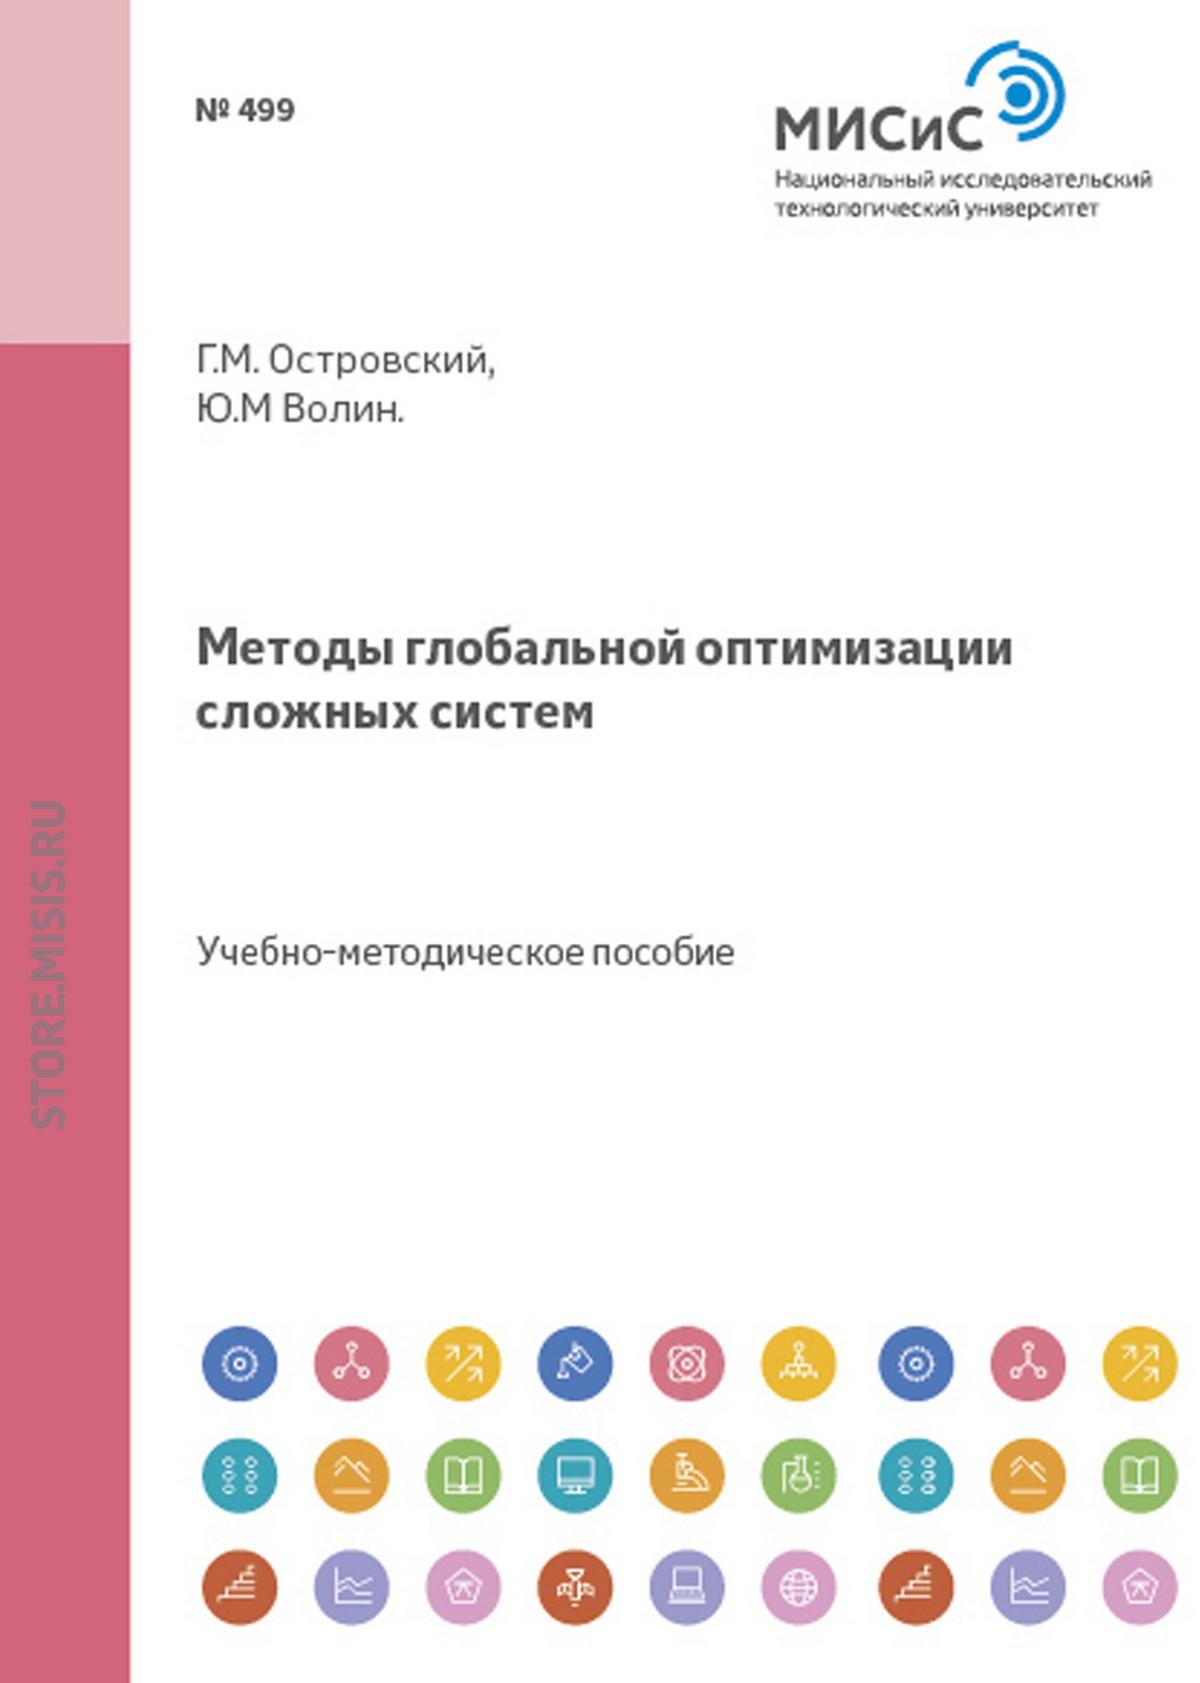 Ю. М. Волин Методы глобальной оптимизации сложных систем цена